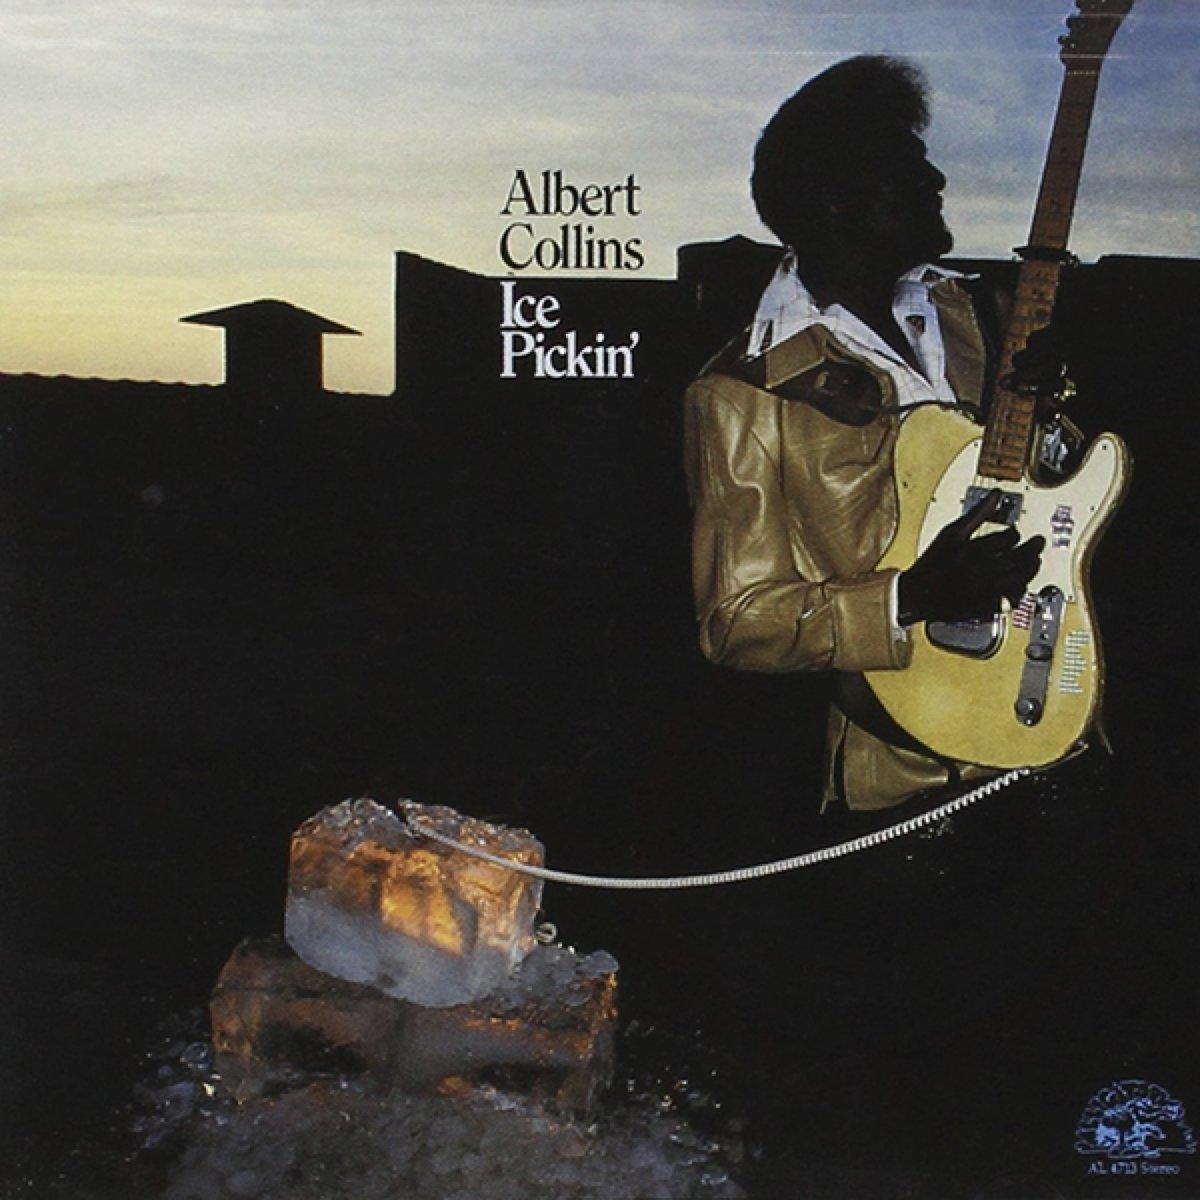 #Music: Honey Hush - Albert Collins #TwitSongMac